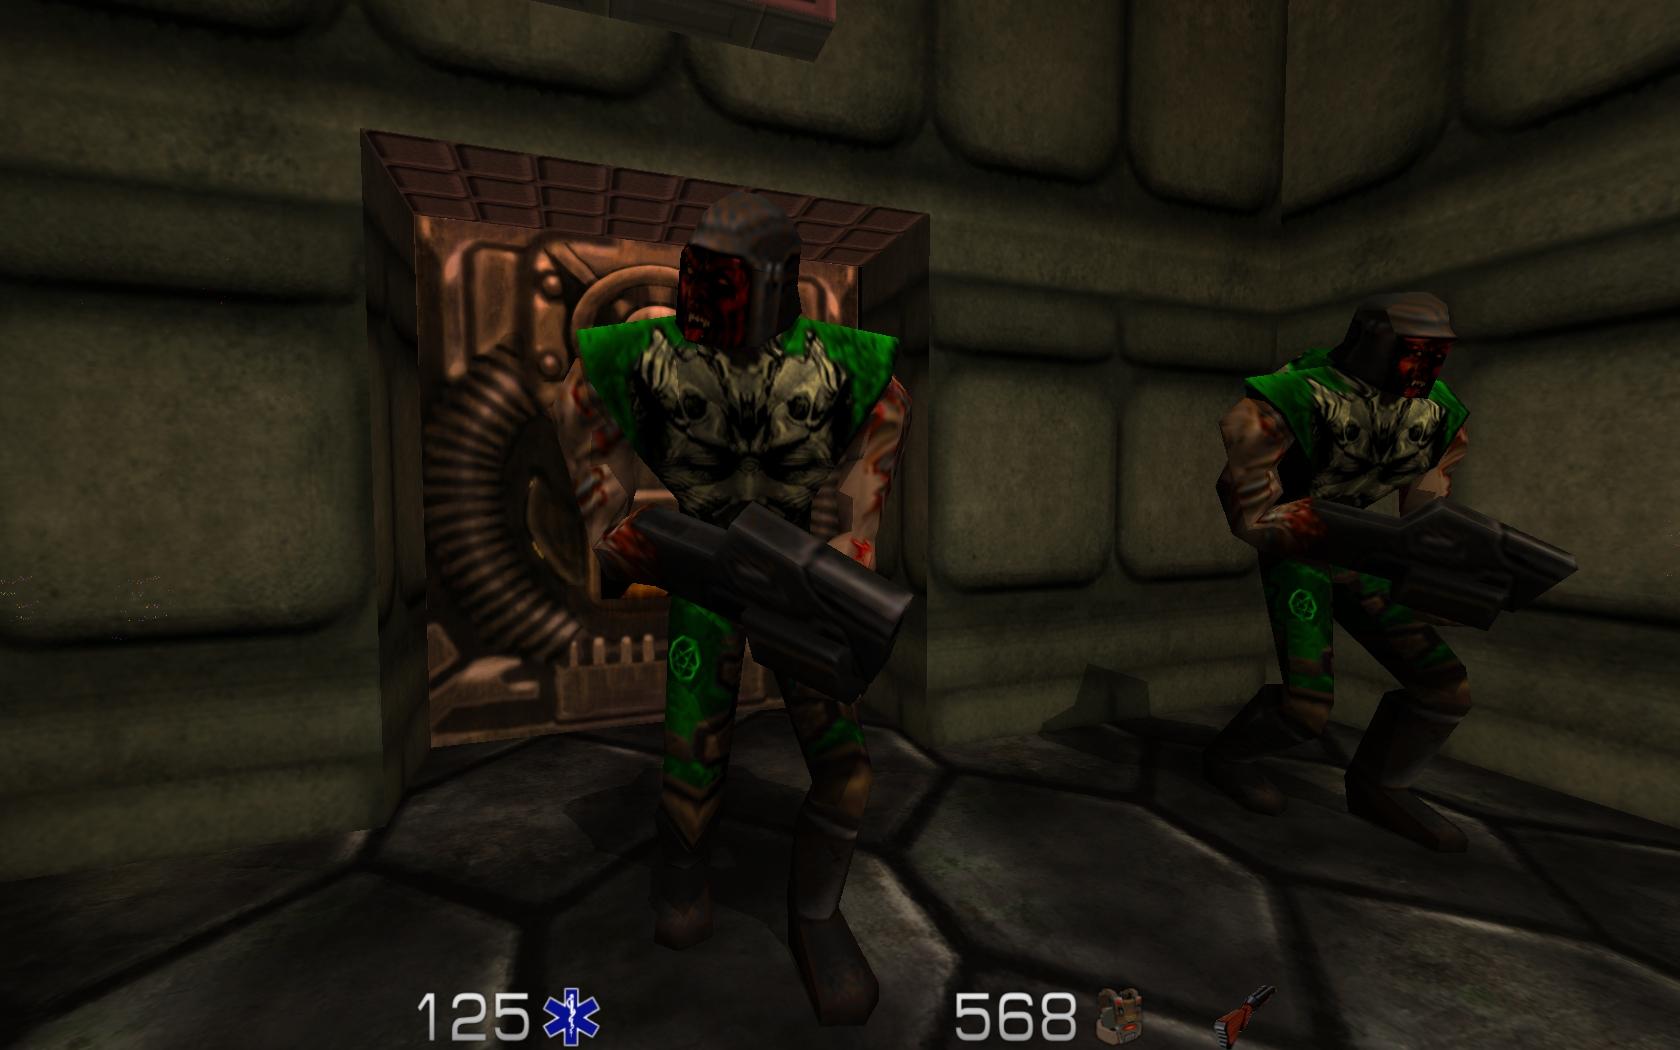 The Final Remake of DOOM for Quake 2 - Файлы - патч, демо